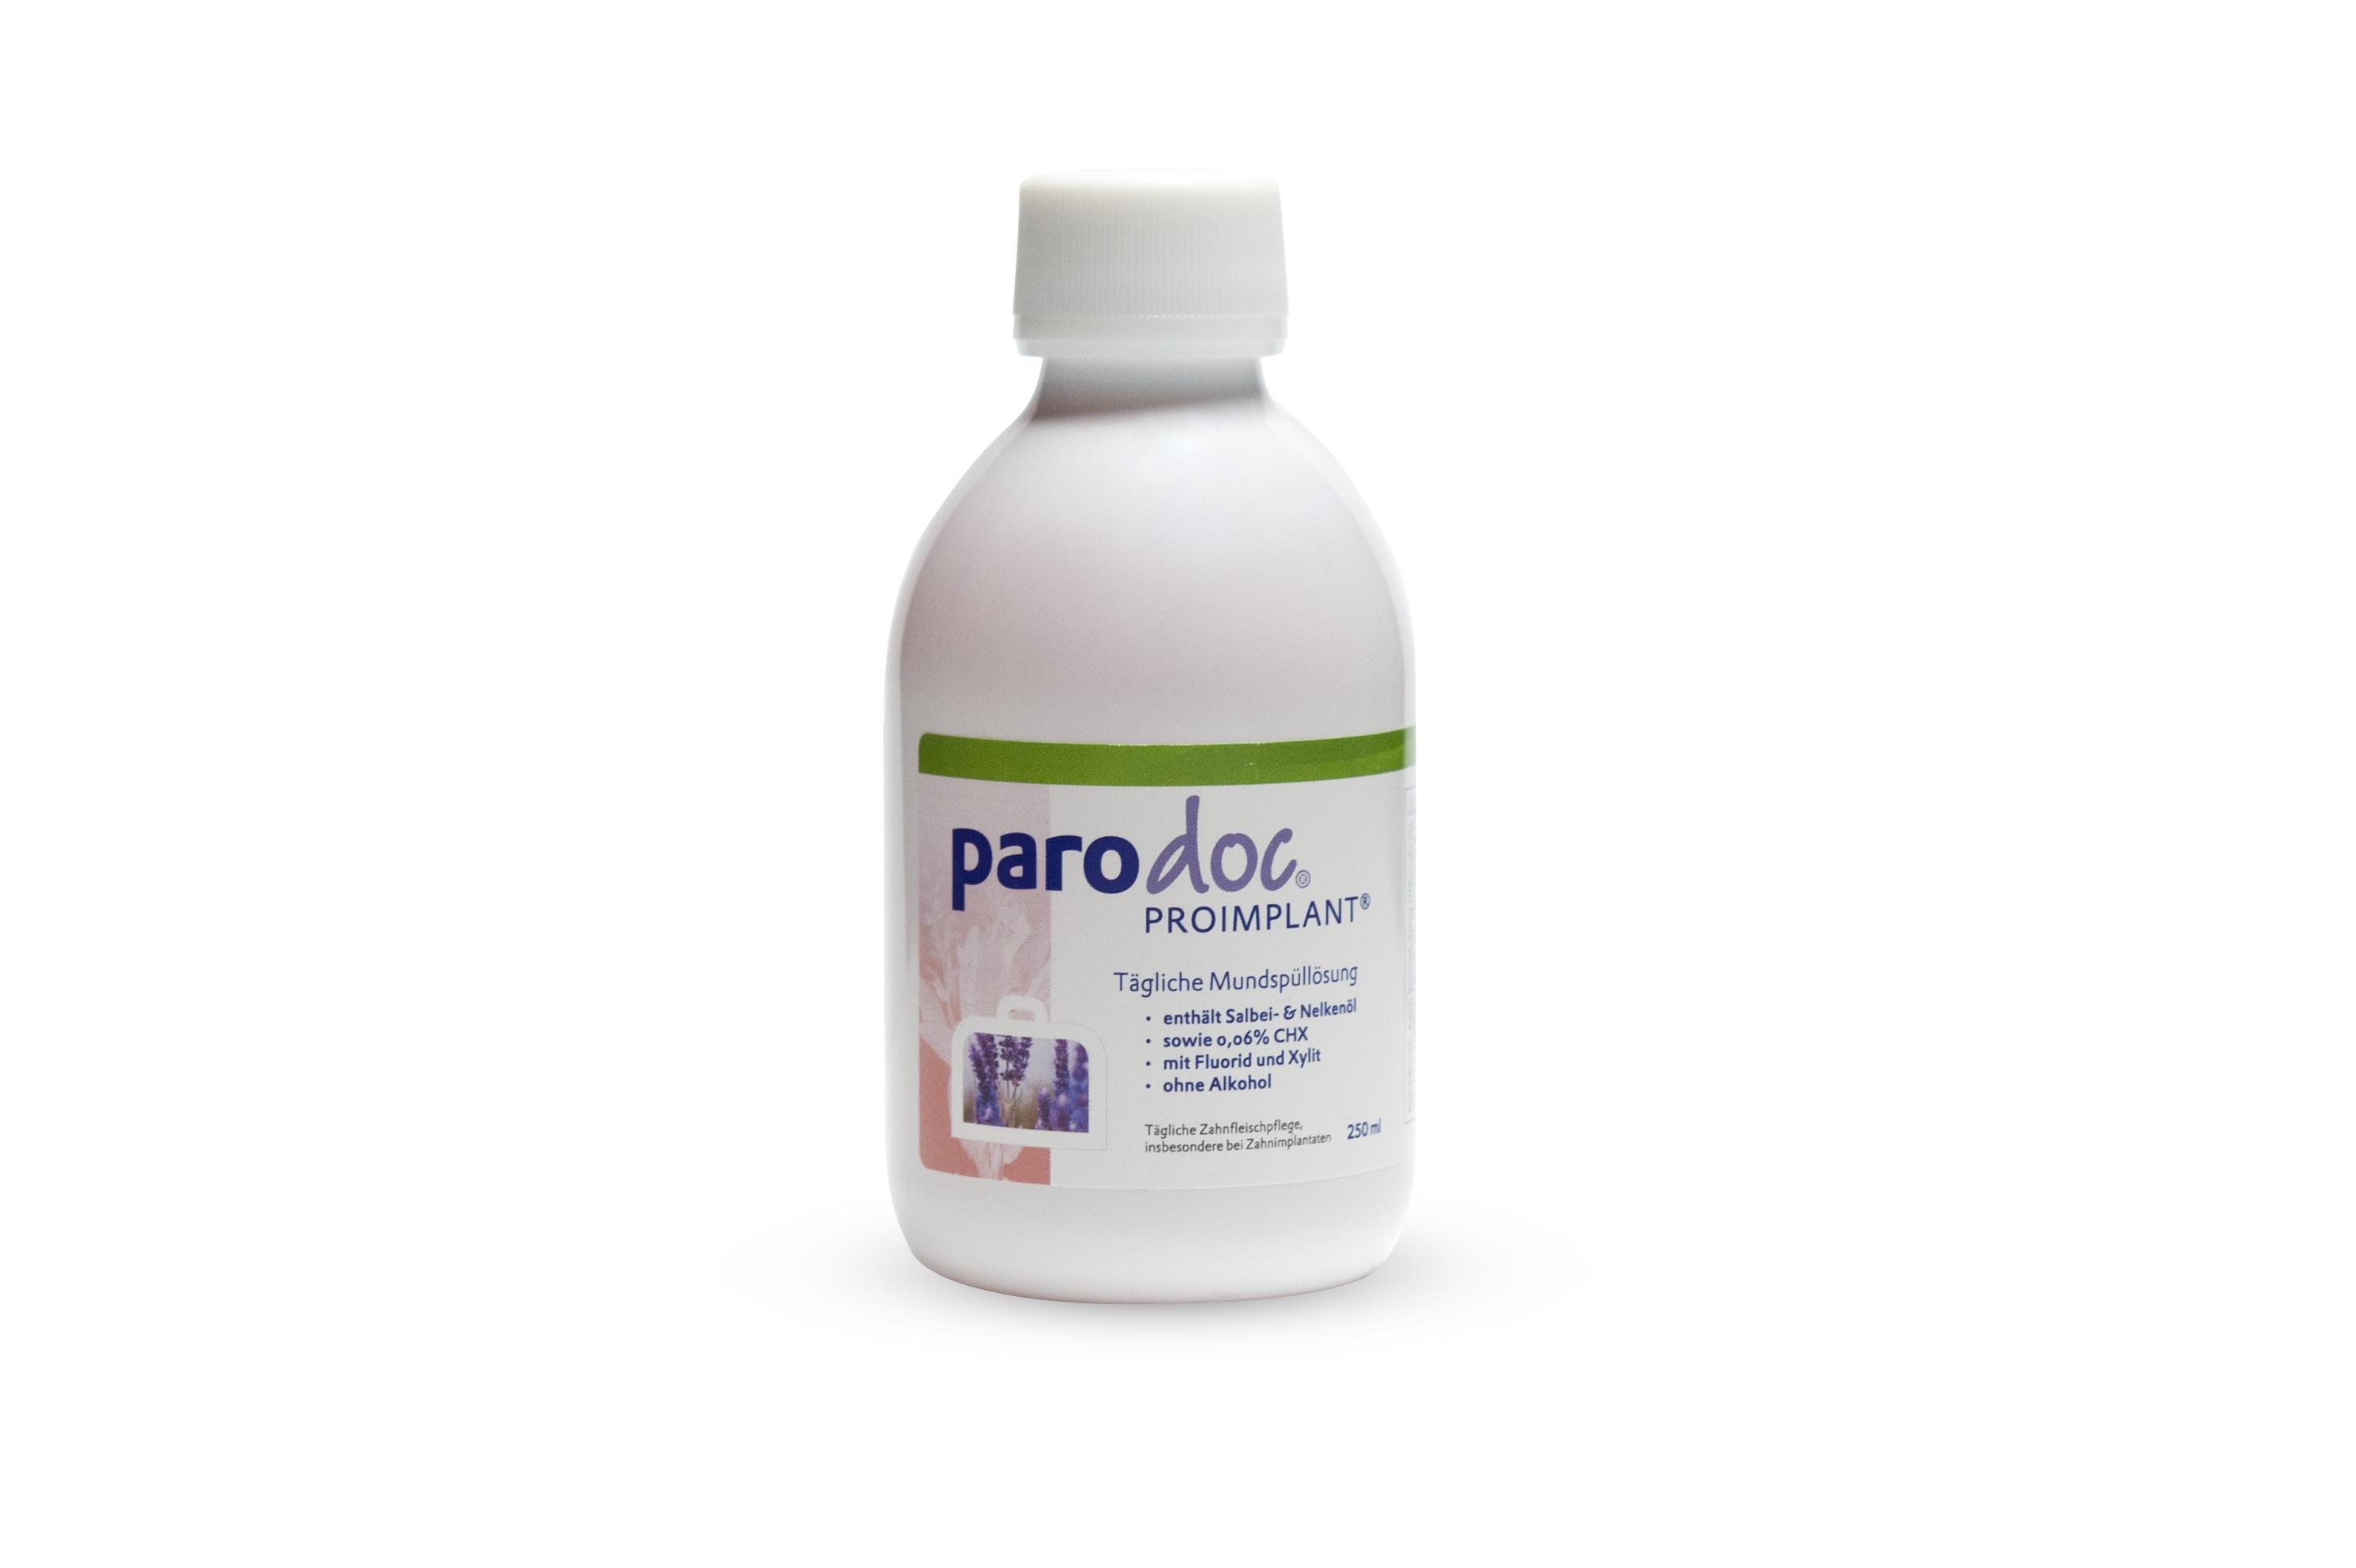 Parodoc Proimplant CHX 0,06% 250ml